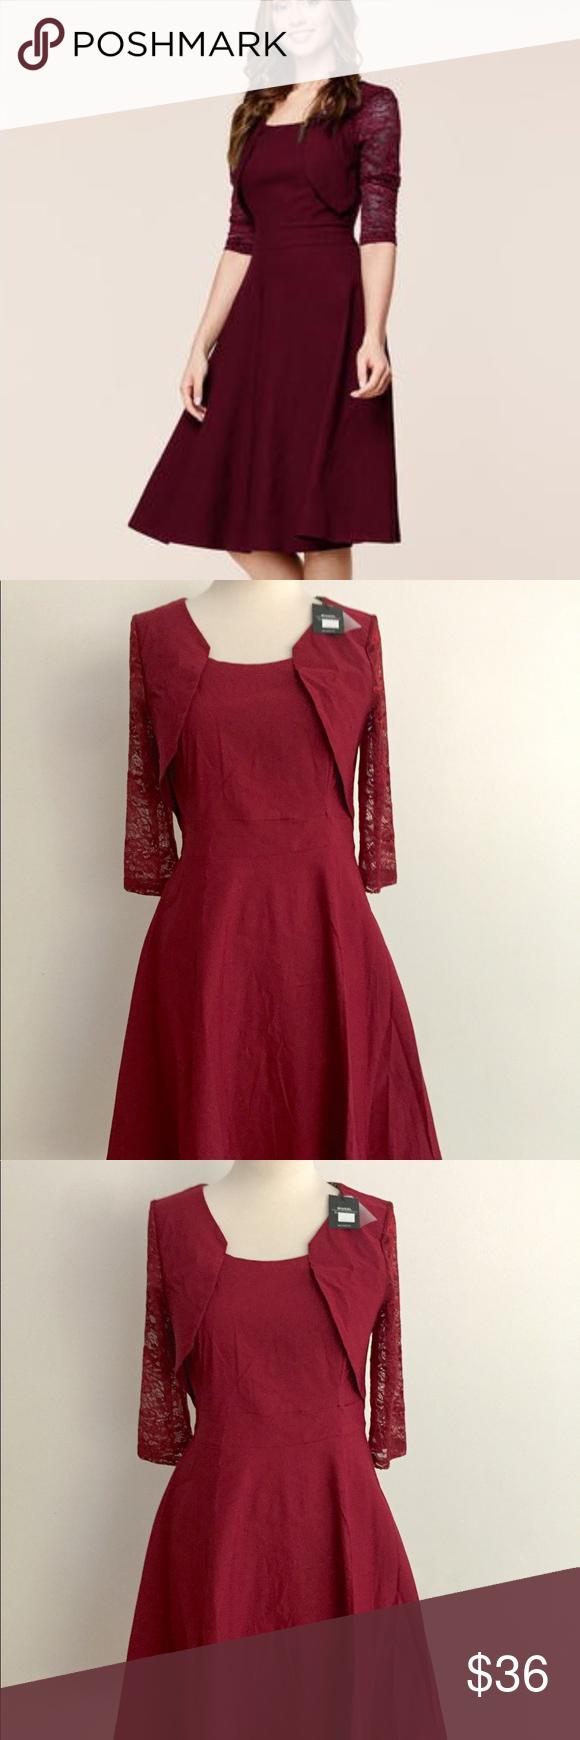 Miusol Empire Waist Red Wine Cocktail Dress L Christmas Cocktail Dresses Dresses Cocktail Dress [ 1740 x 580 Pixel ]